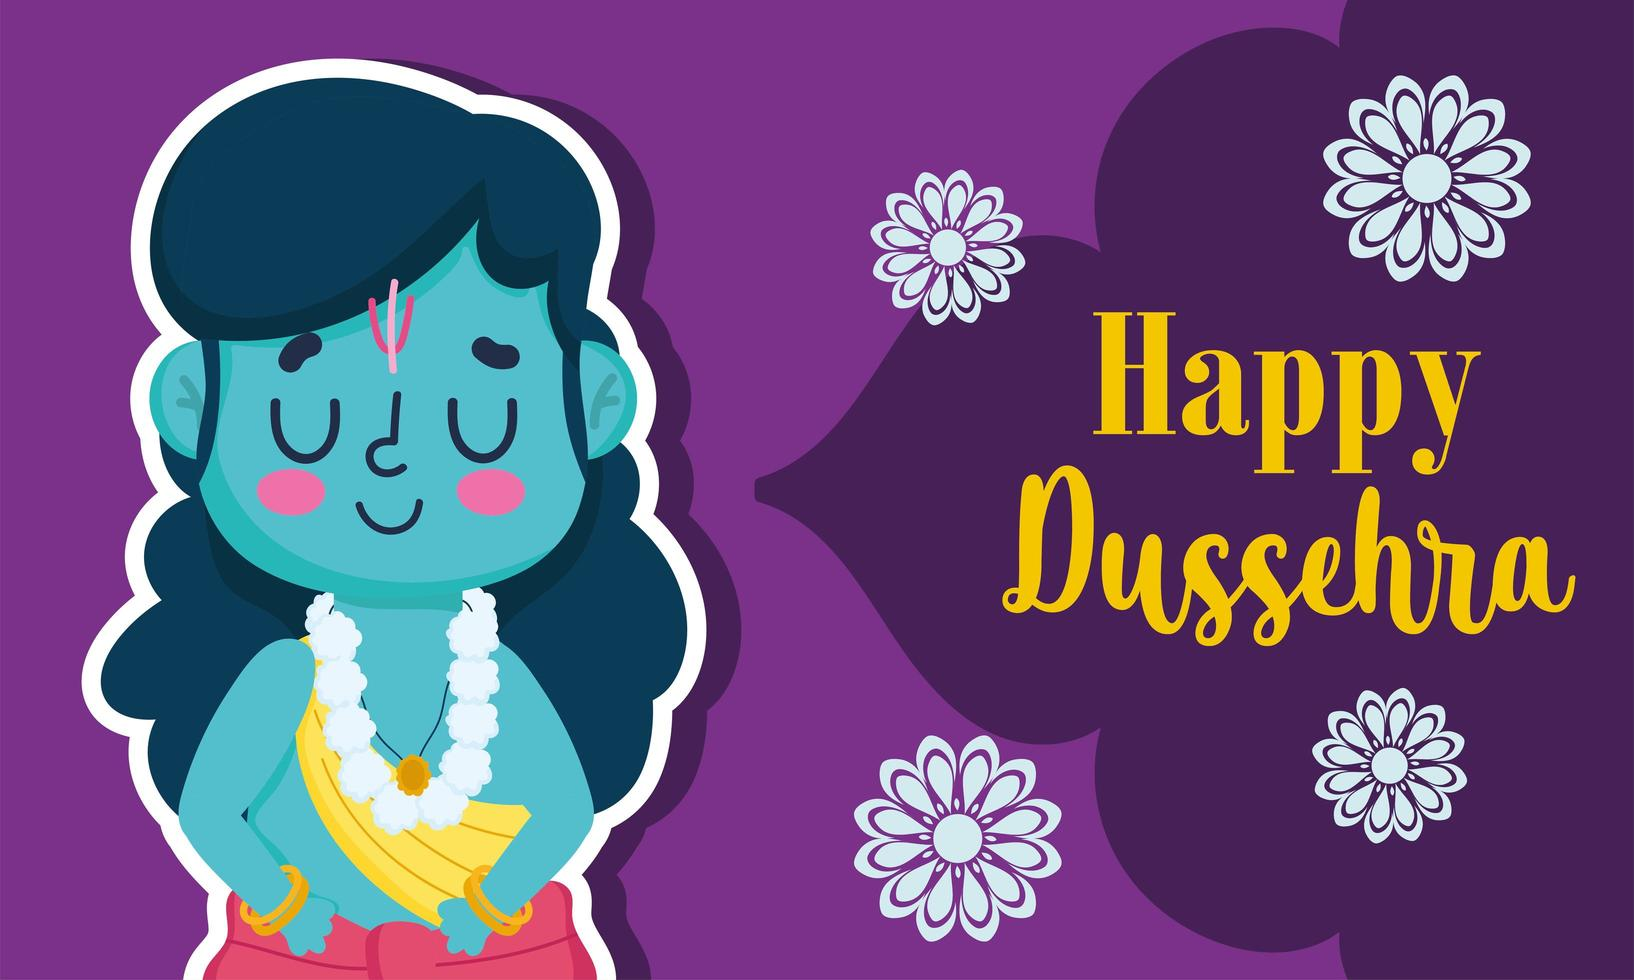 felice dussehra festival of india card design vettore